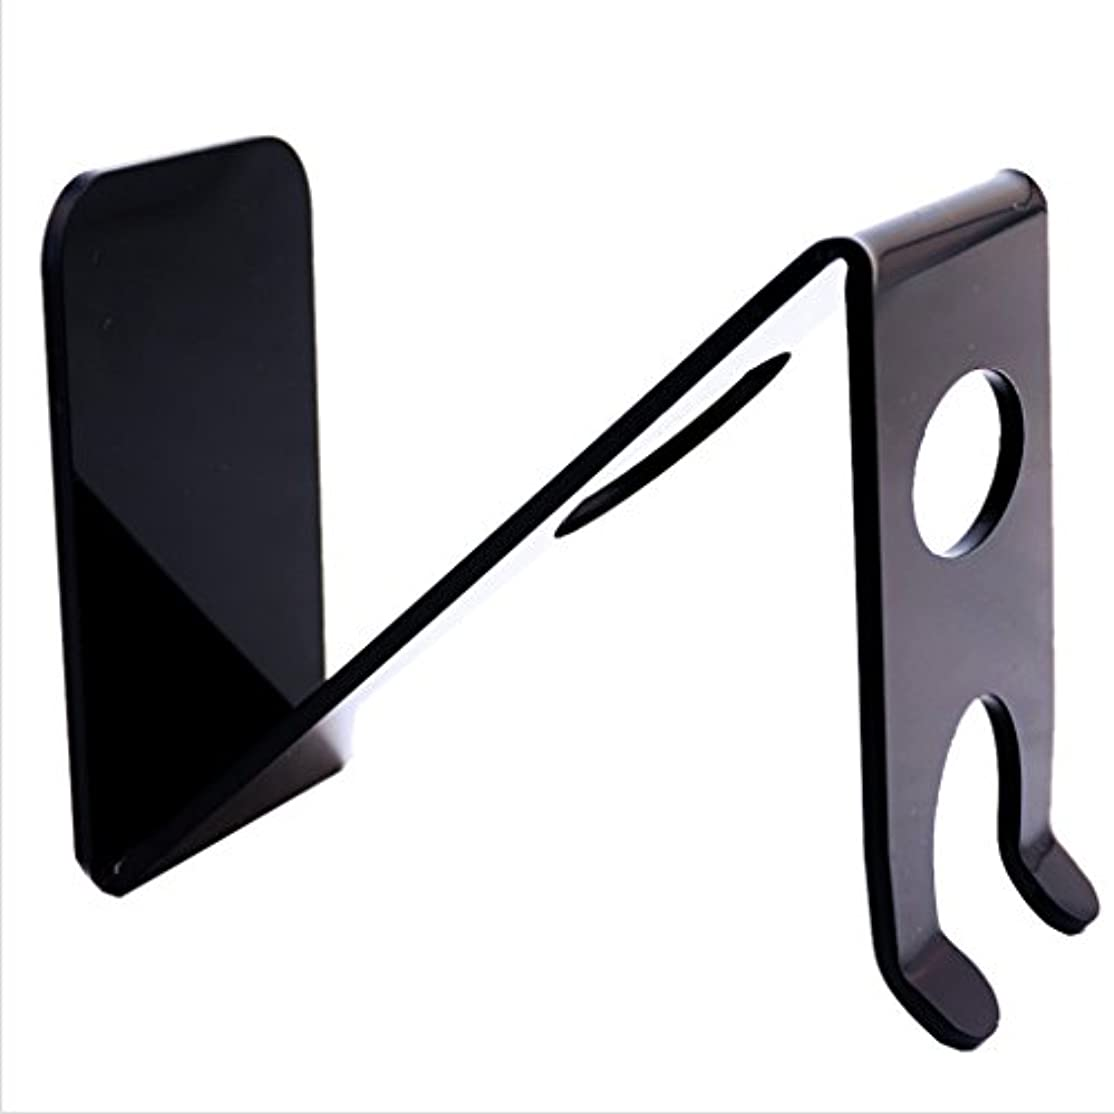 画面調和のとれた形状sharprepublic シェービングブラシ 剃刀 ホルダー スタンド プラスチック z-形状 ブラック 理髪サロン